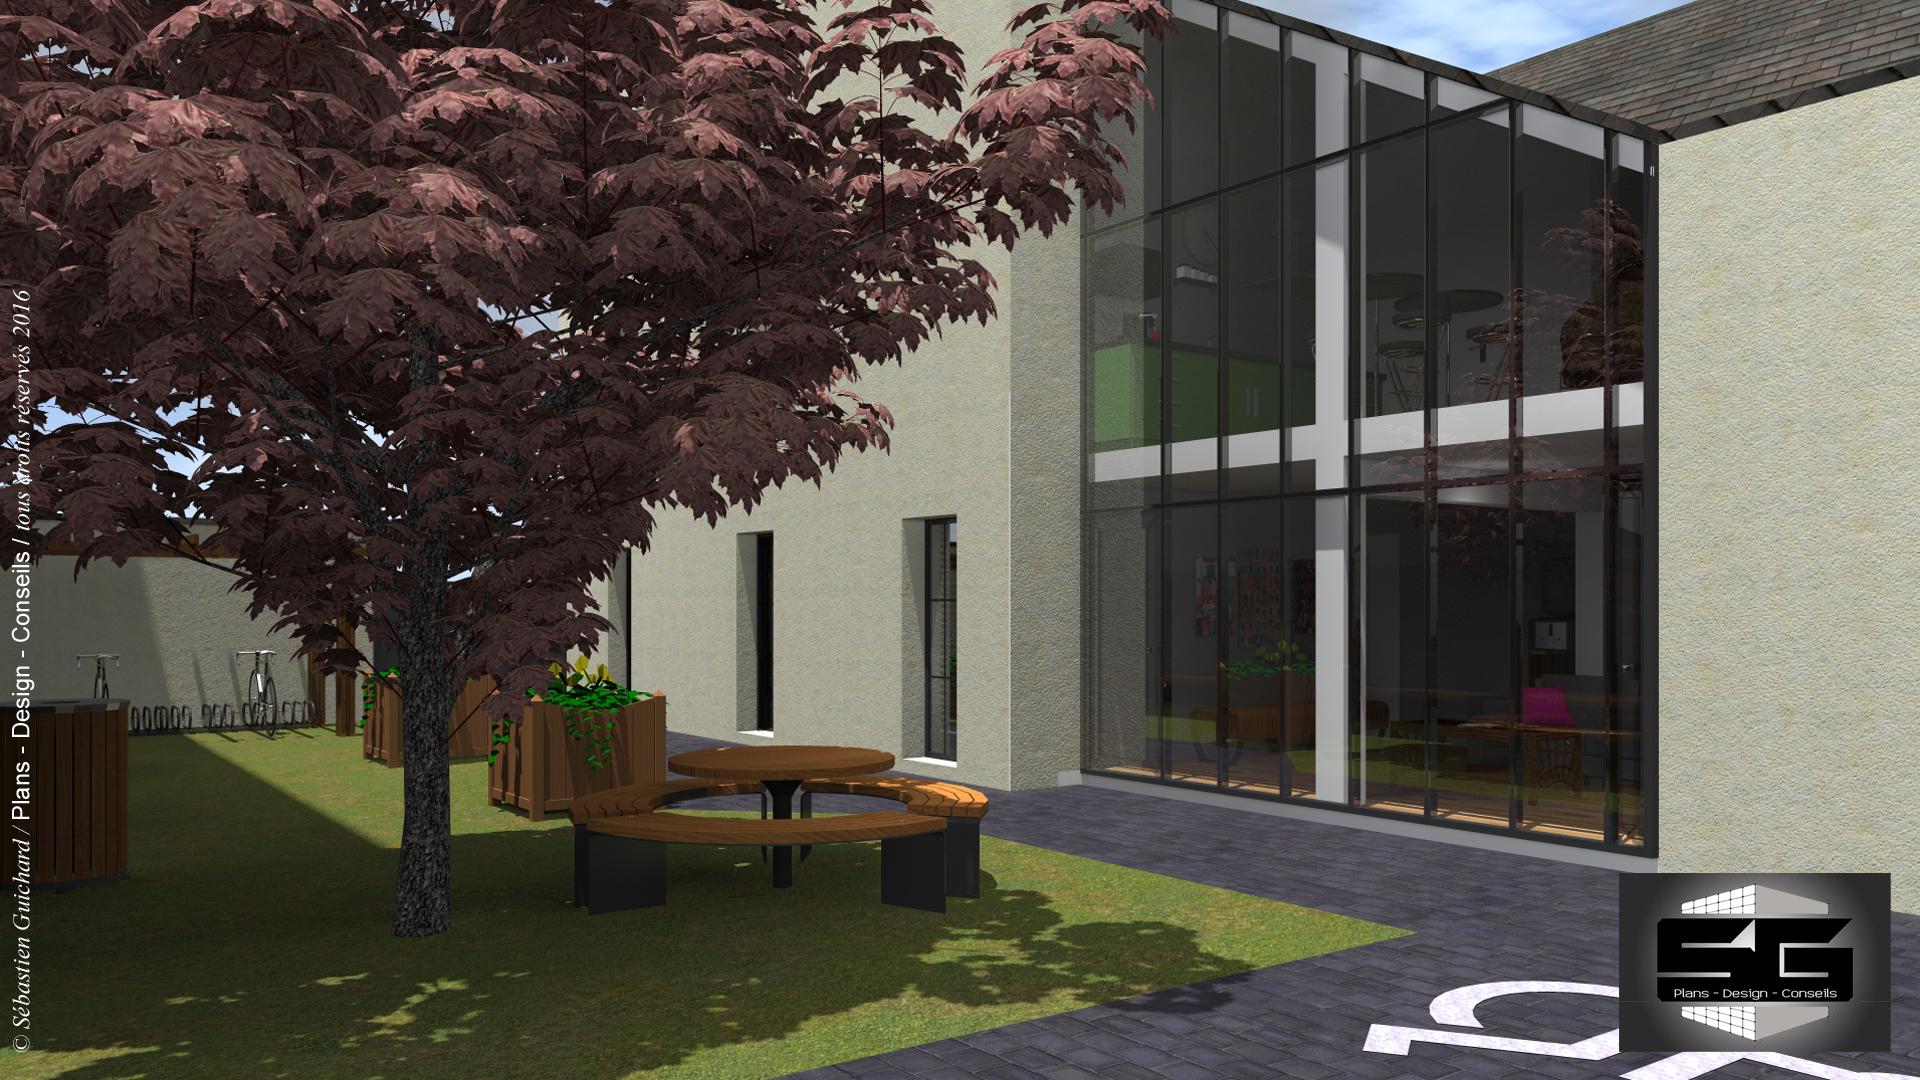 Plans_-_Design_-_Conseils_-_Héritage_Bois_-_Bld_Louis_Blanc_2